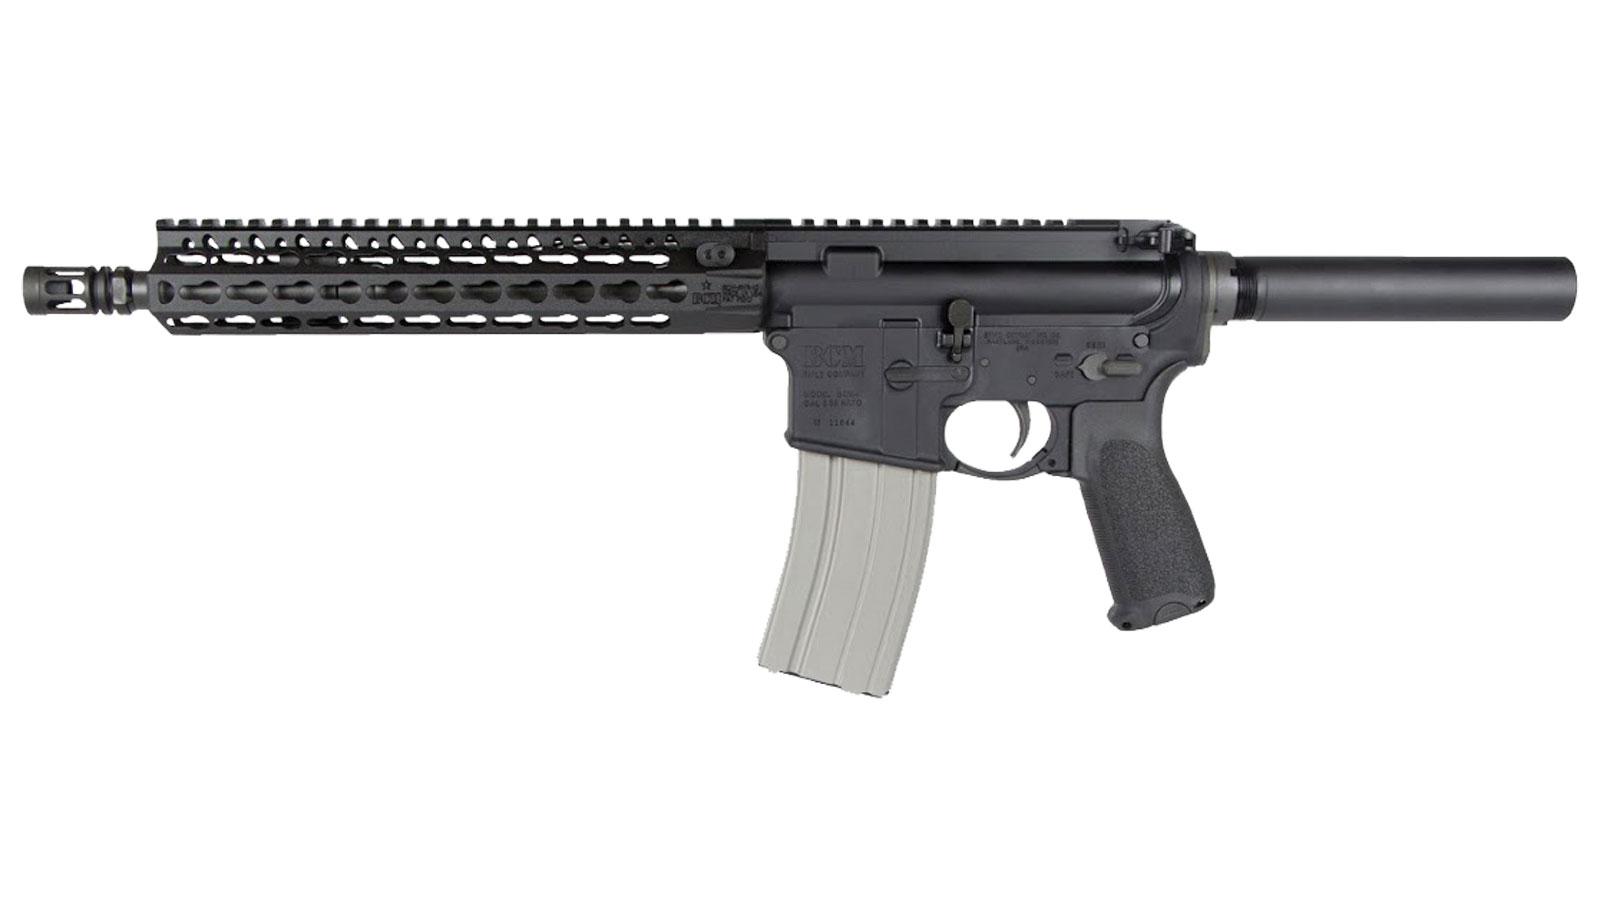 Bravo Company RECCE-11 KMR-A Black 5.56 NATO 11.5-Inch 30Rds